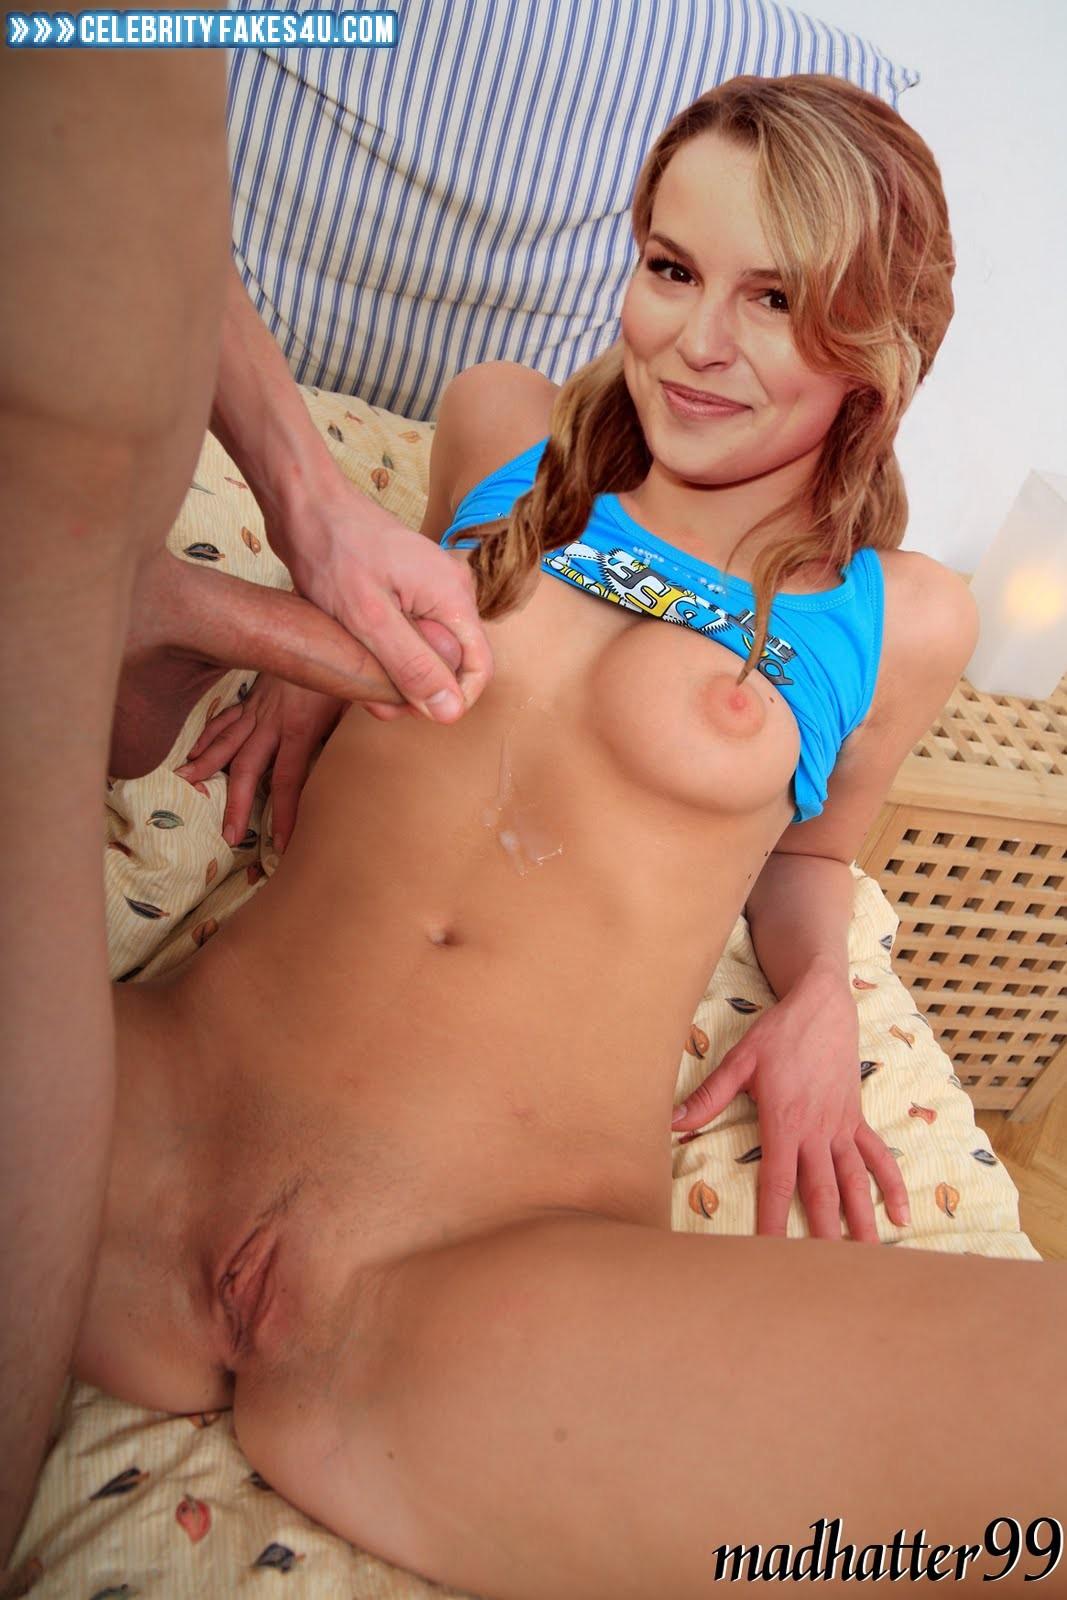 Bridgit mendler naked pussy